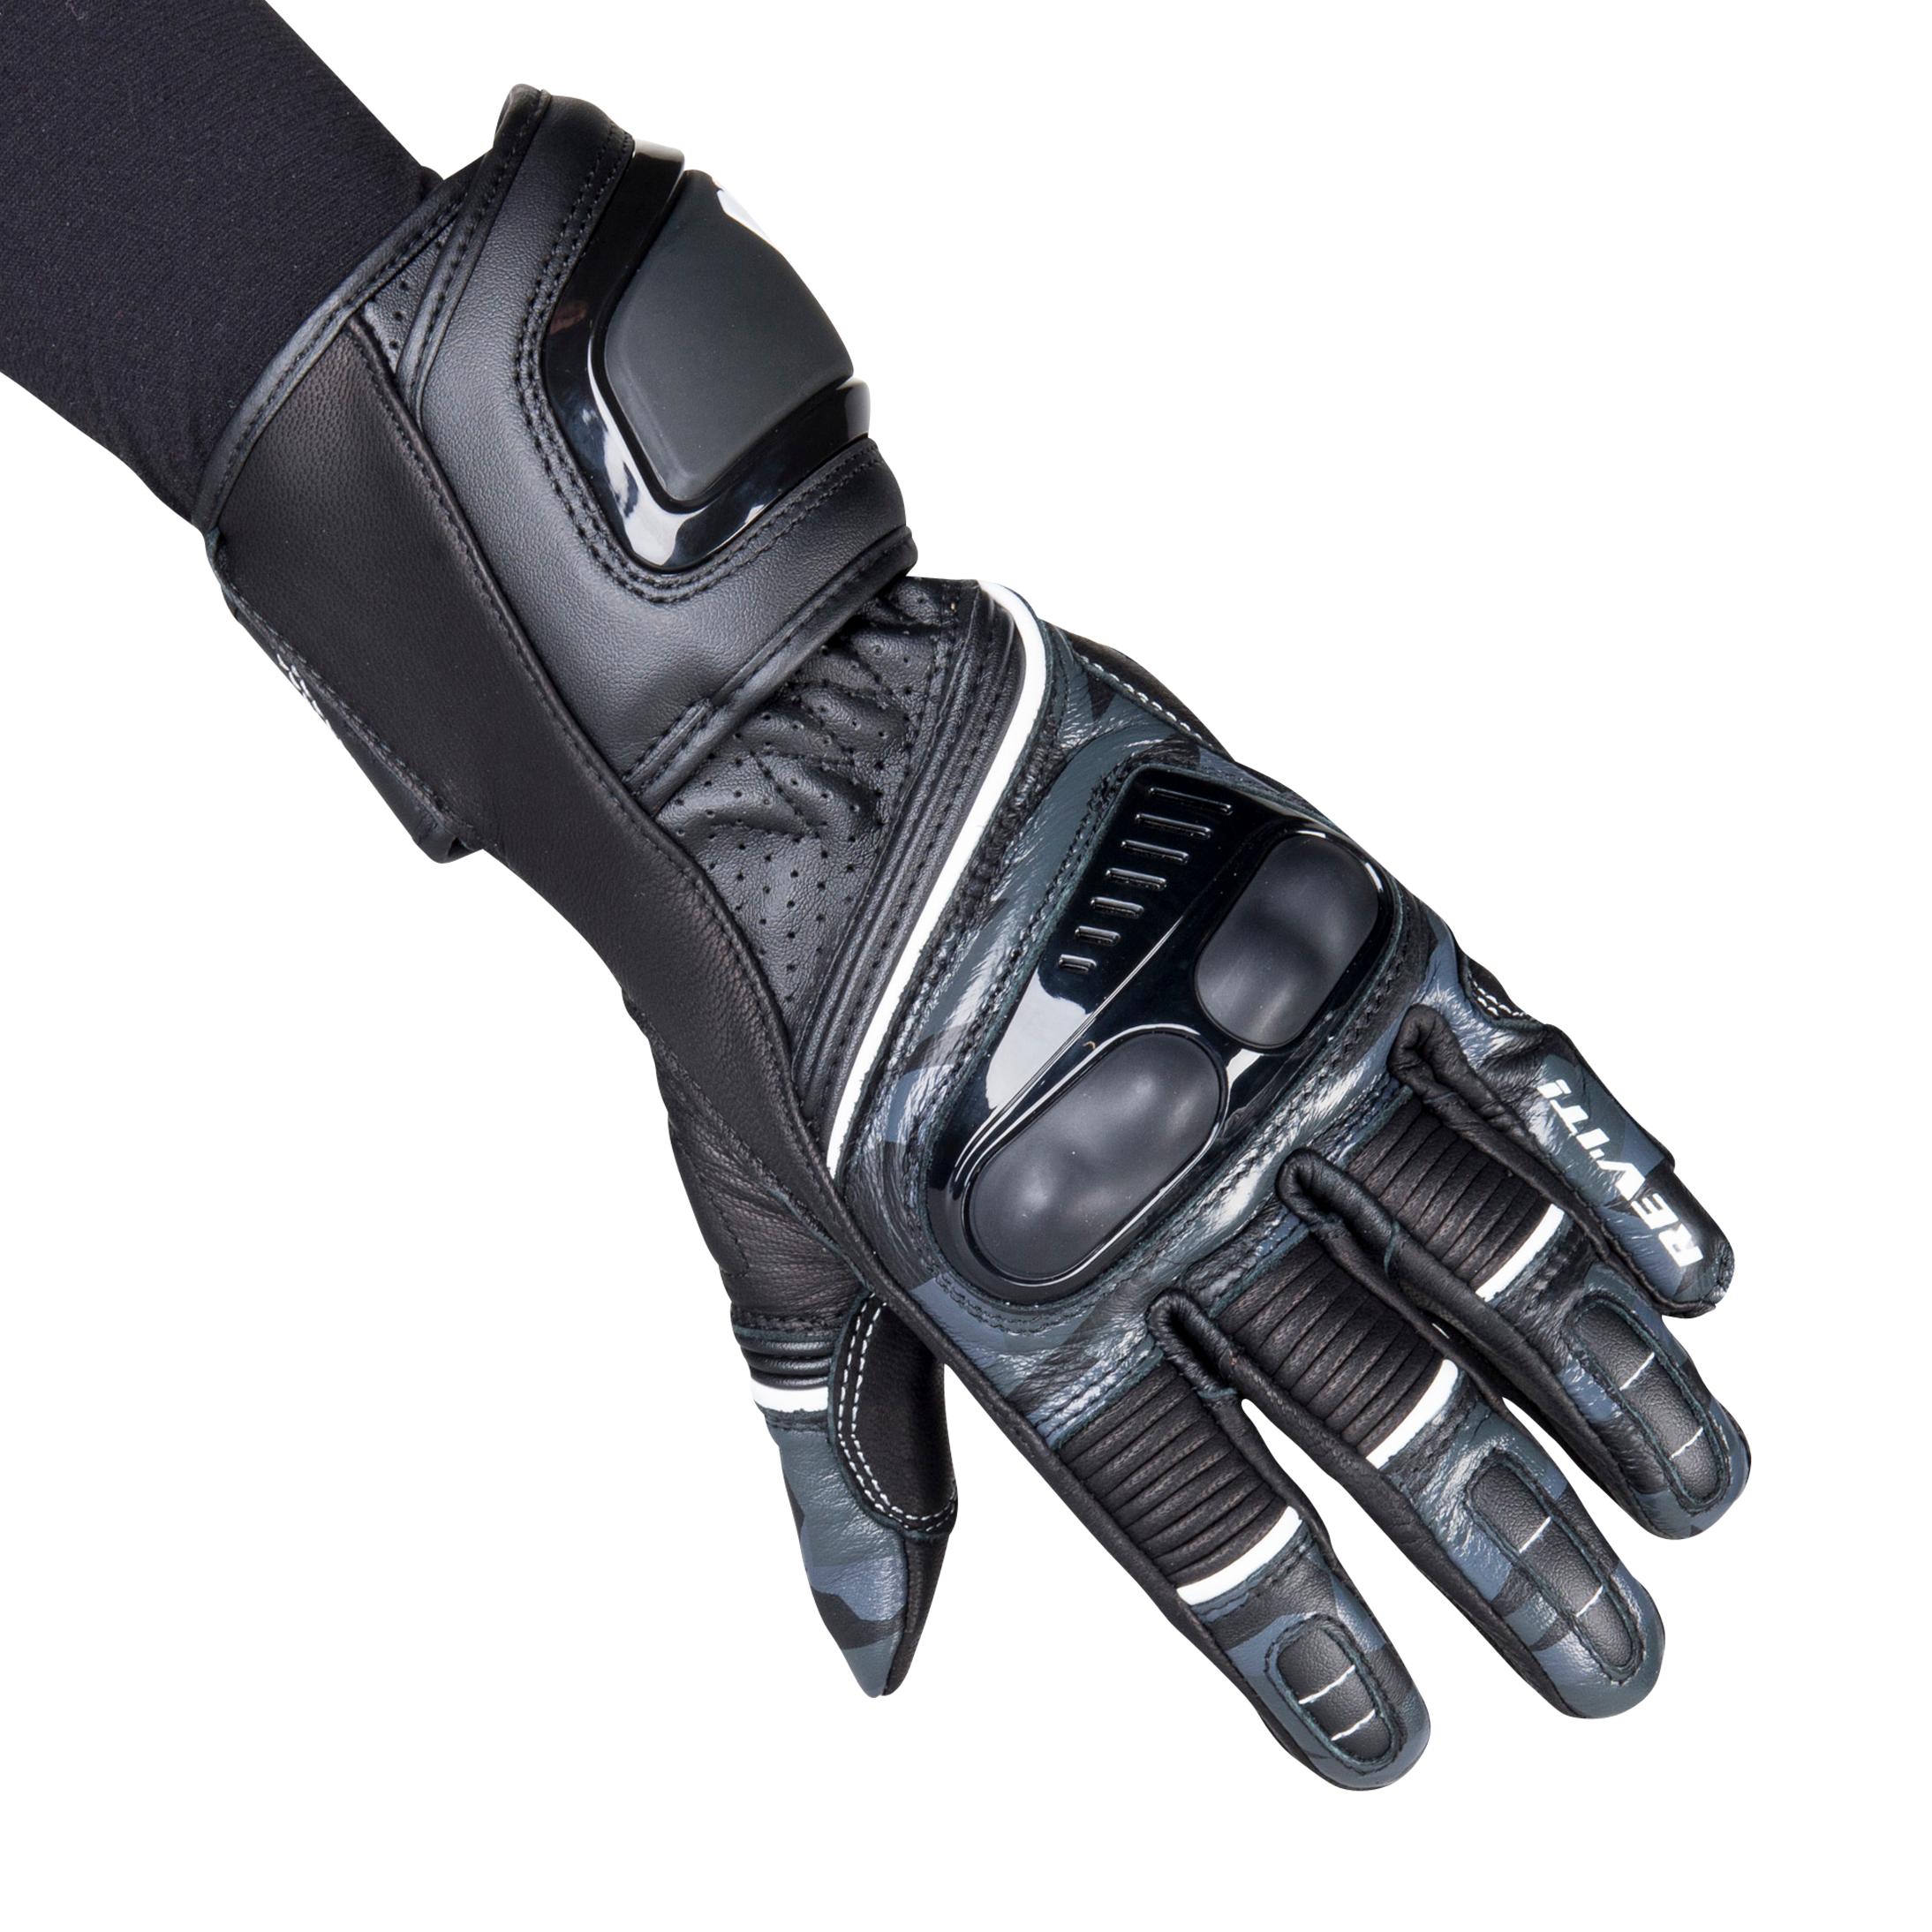 REVIT! Gants Moto Femme Rev'it Xena 3 Noir-Gris XL (8)